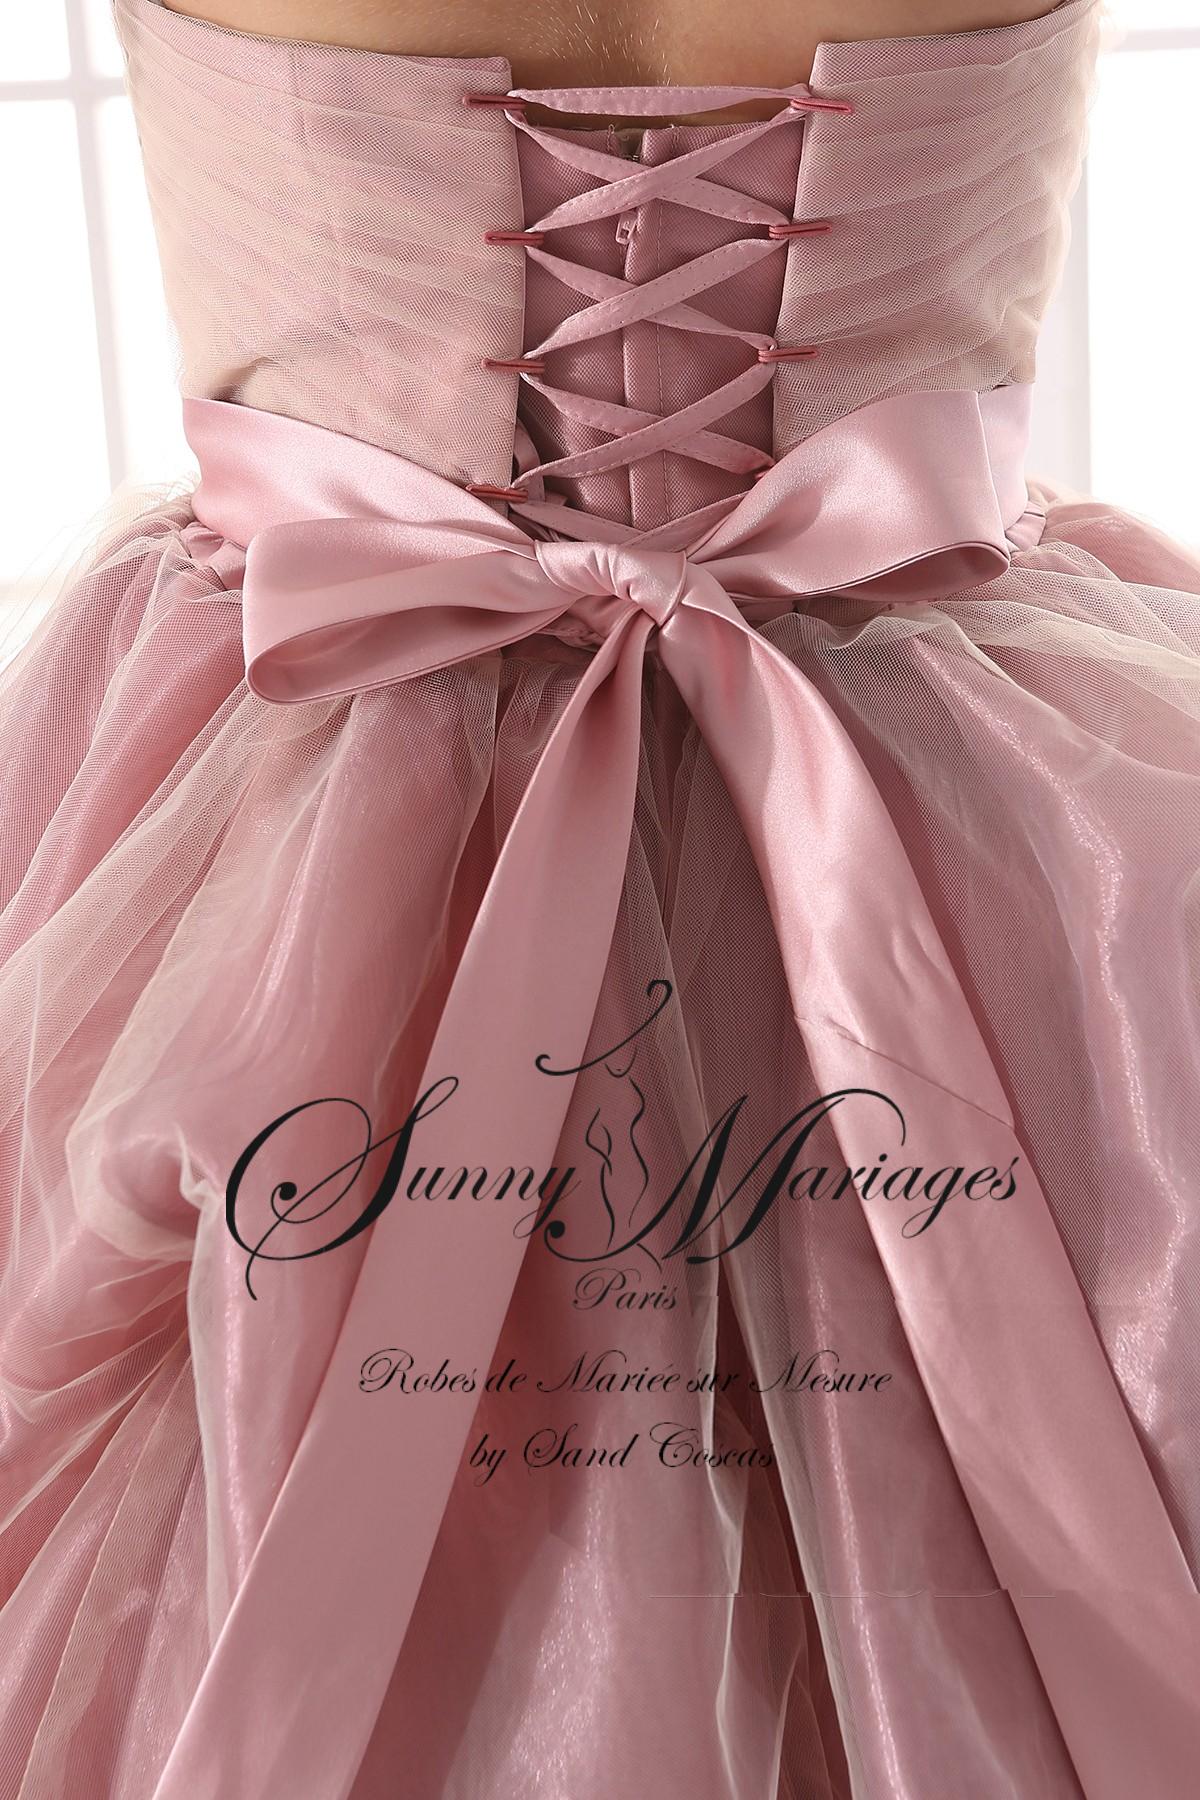 Robe De Mariée Princesse Couleur Rose Poudré Sunny Mariage